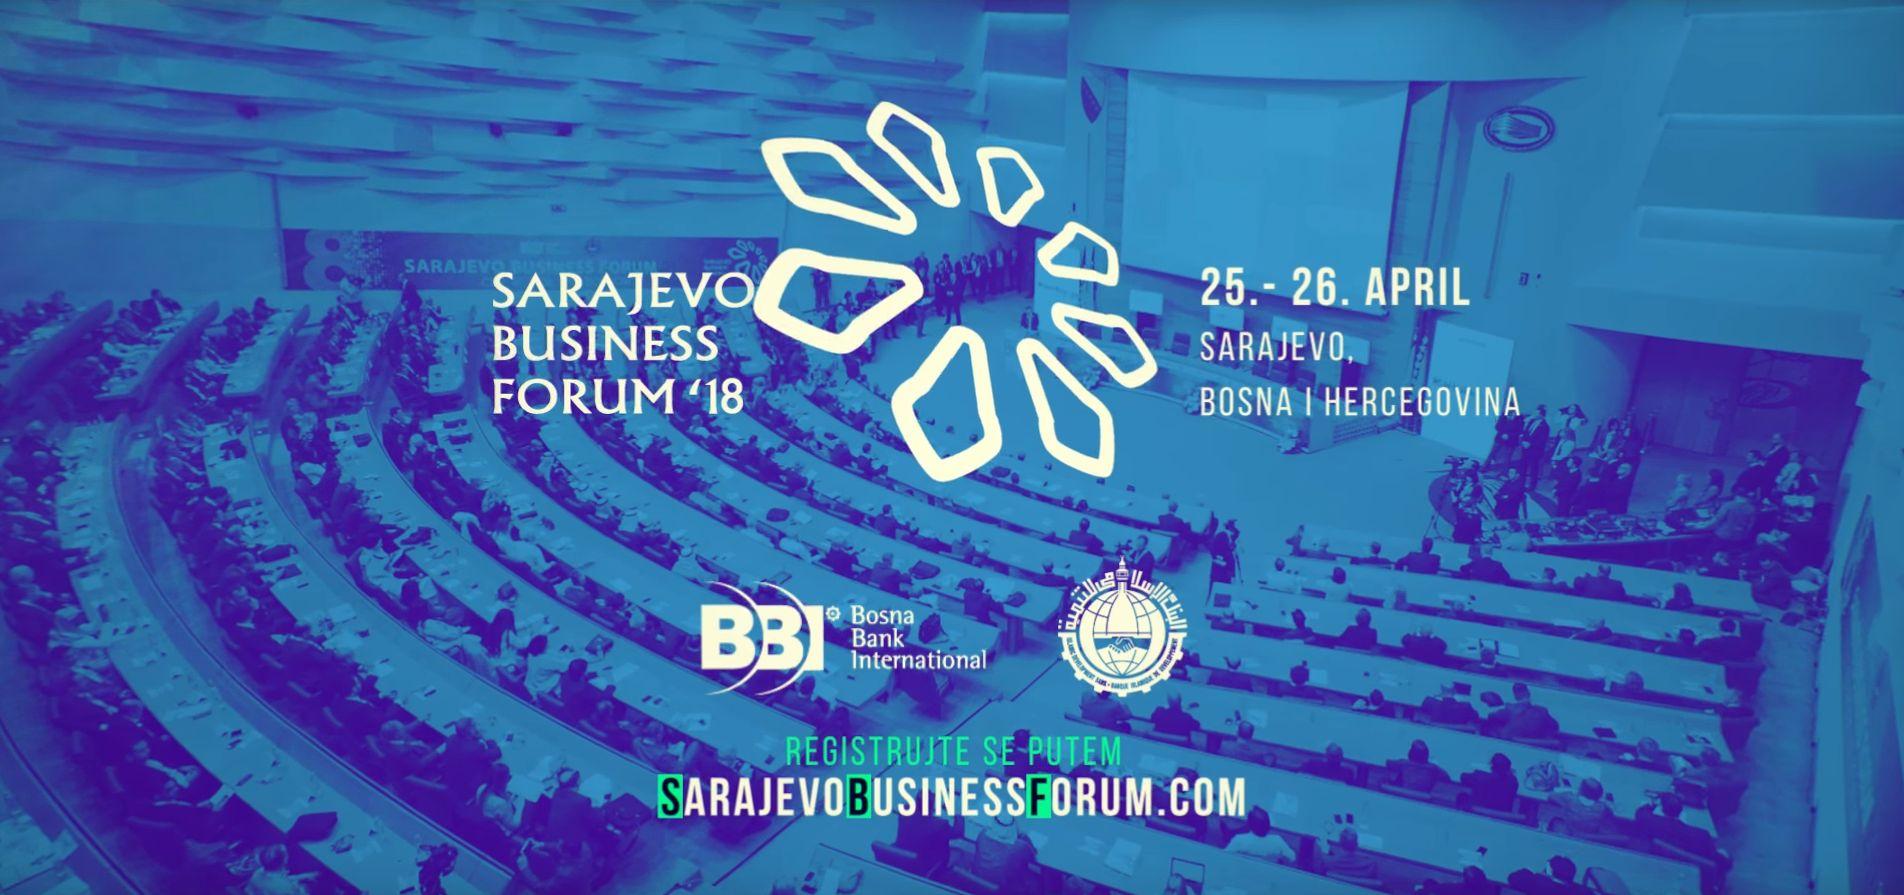 Najavljene teme i paneli devetog Sarajevo Business Foruma 2018